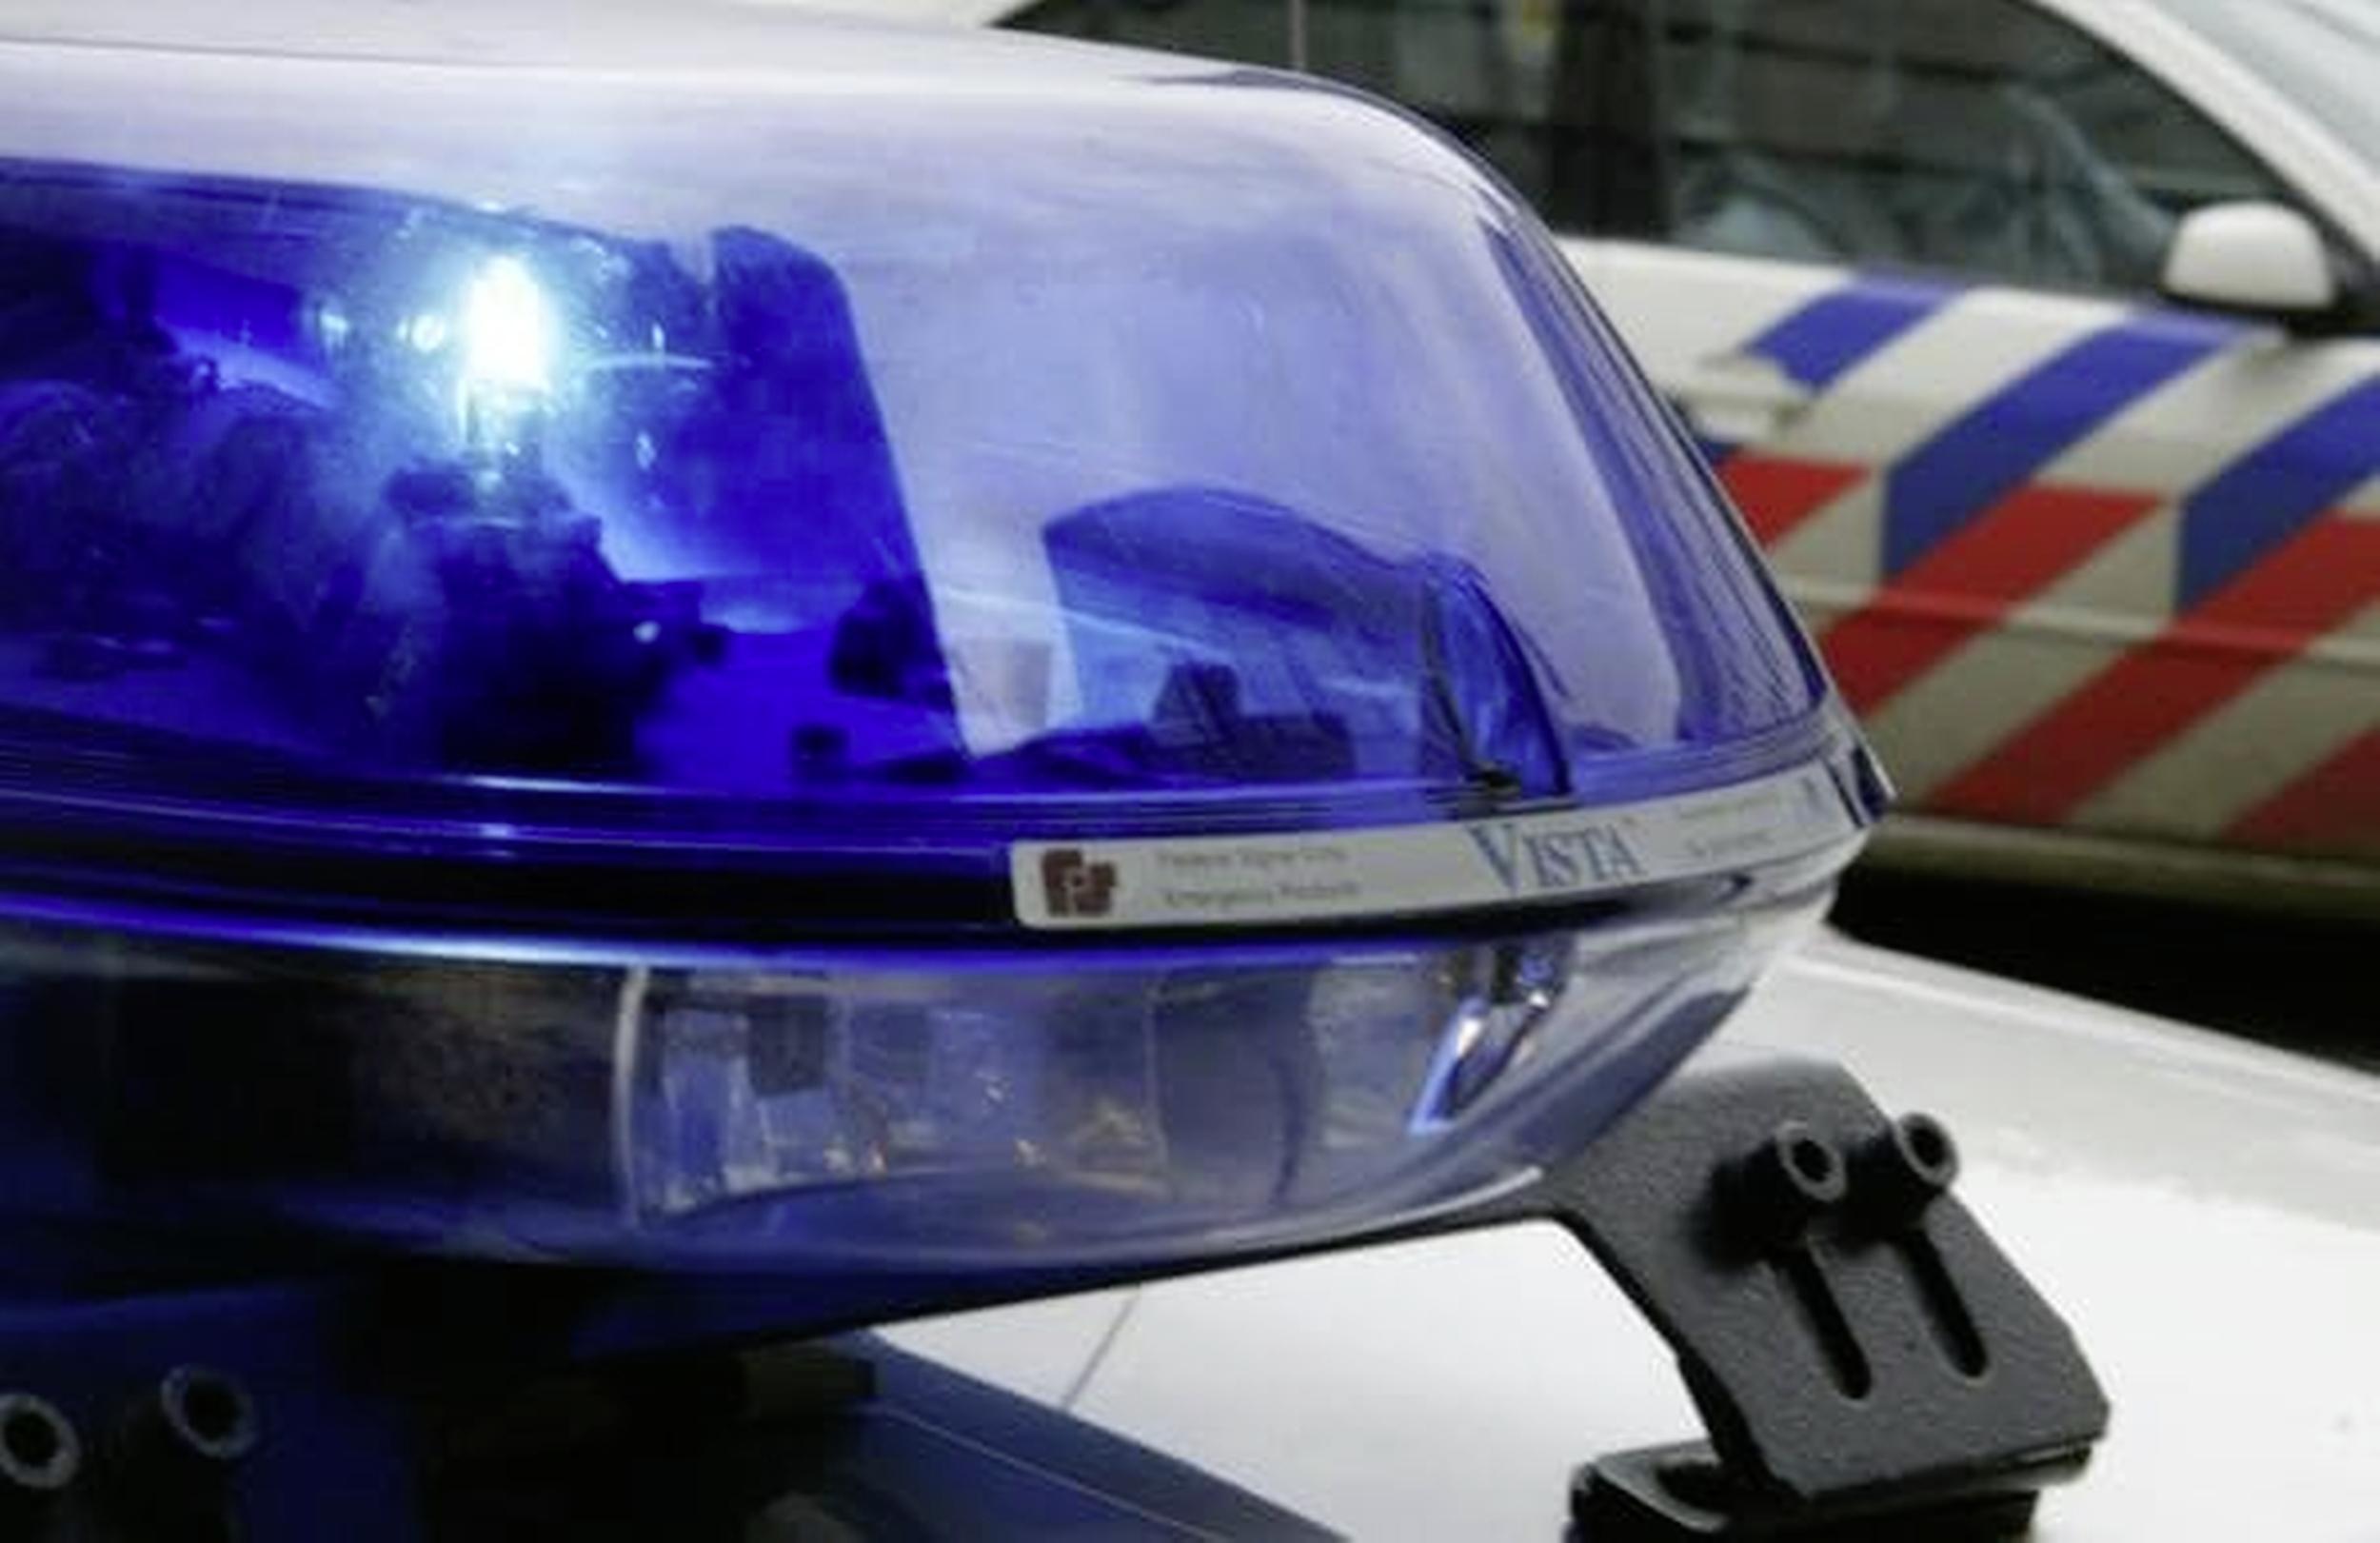 Vermiste man (60) dood aangetroffen in sloot Burgerbrug, politie gaat uit van noodlottig ongeval